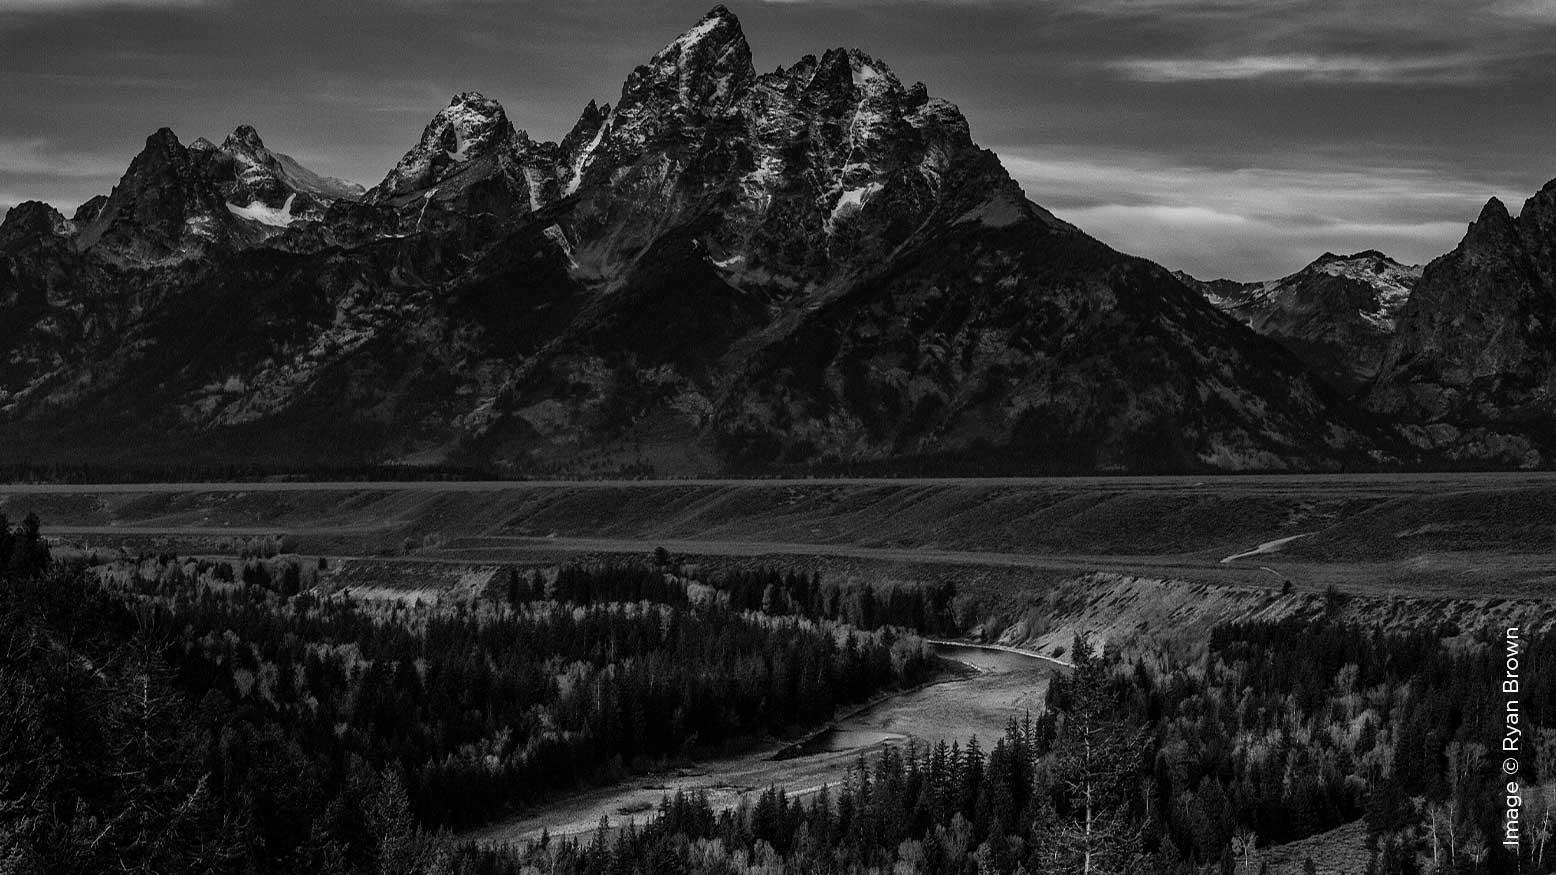 Epic Landscape Photography